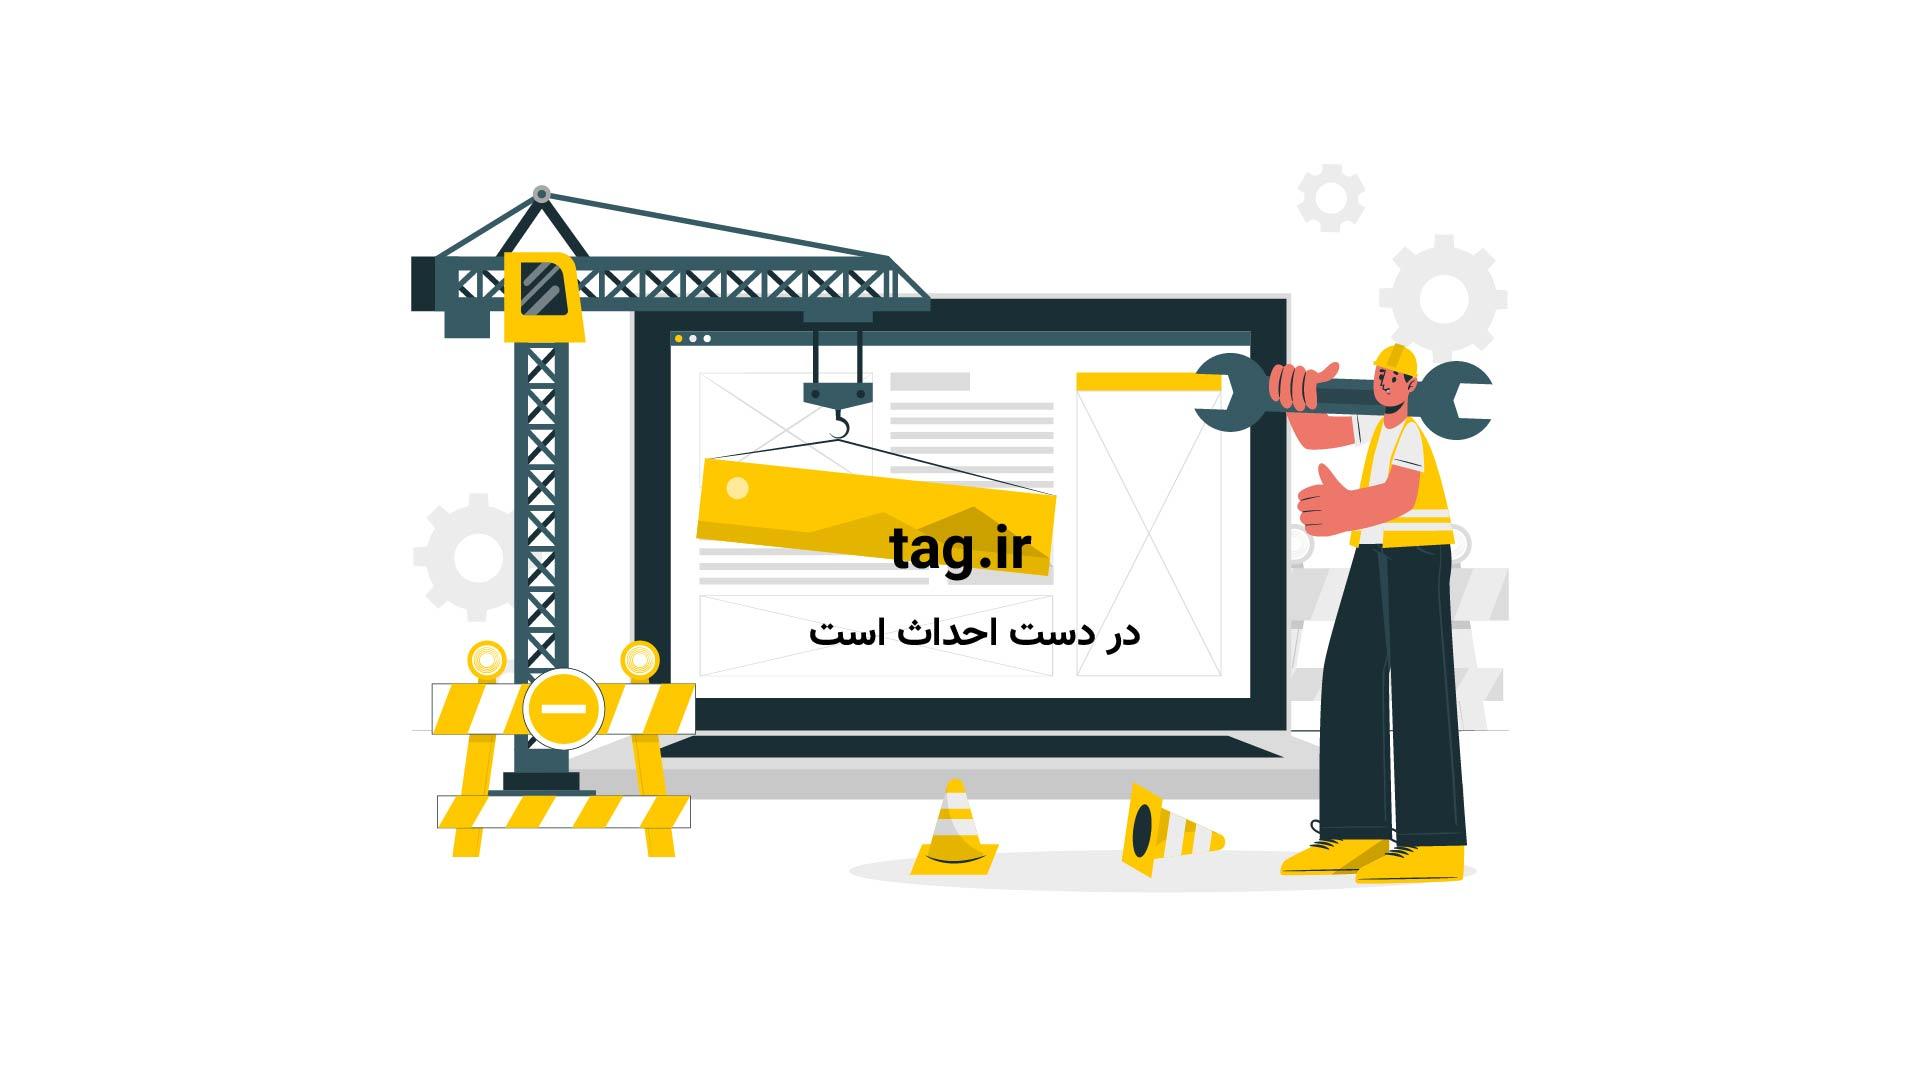 فیلم دستگاه زنده نگاه دارنده قلب برای پیود